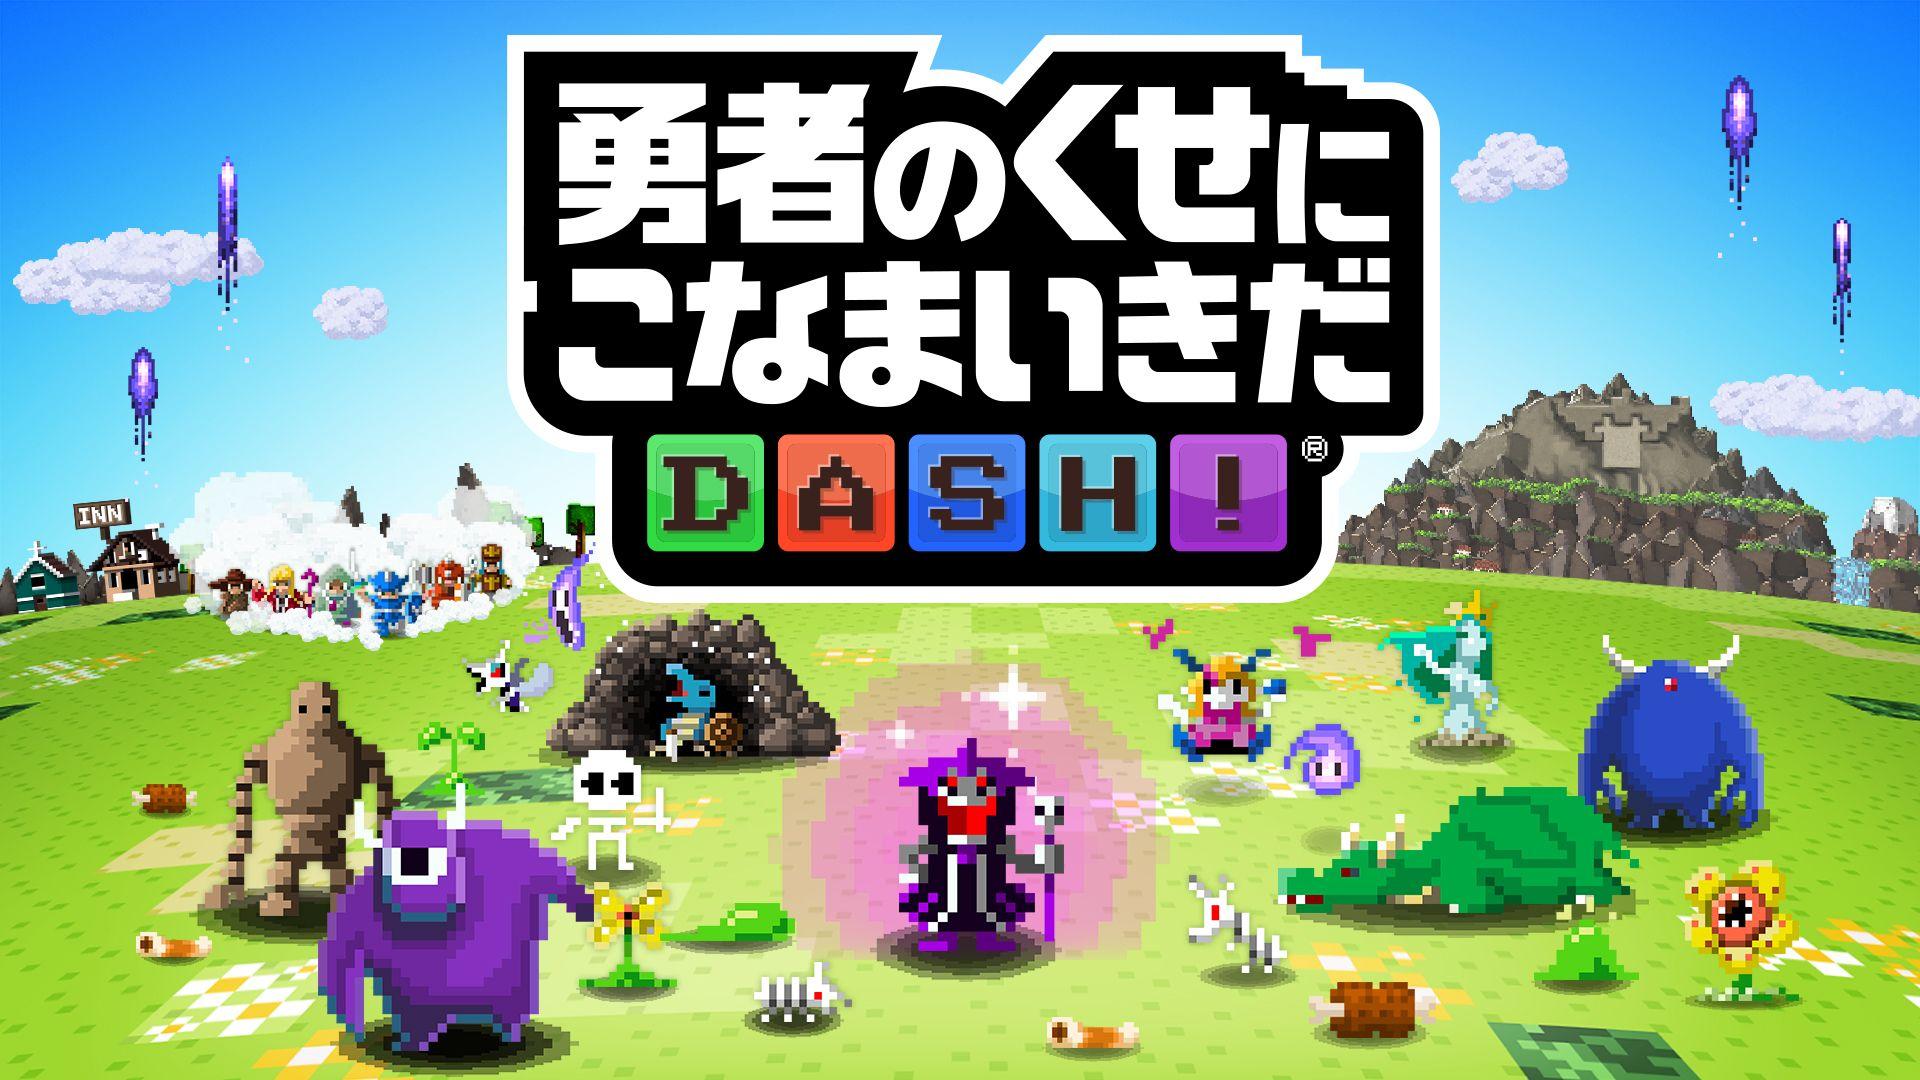 『勇者のくせにこなまいきだDASH!』が本日より先着1,000名に先行体験版を配信!